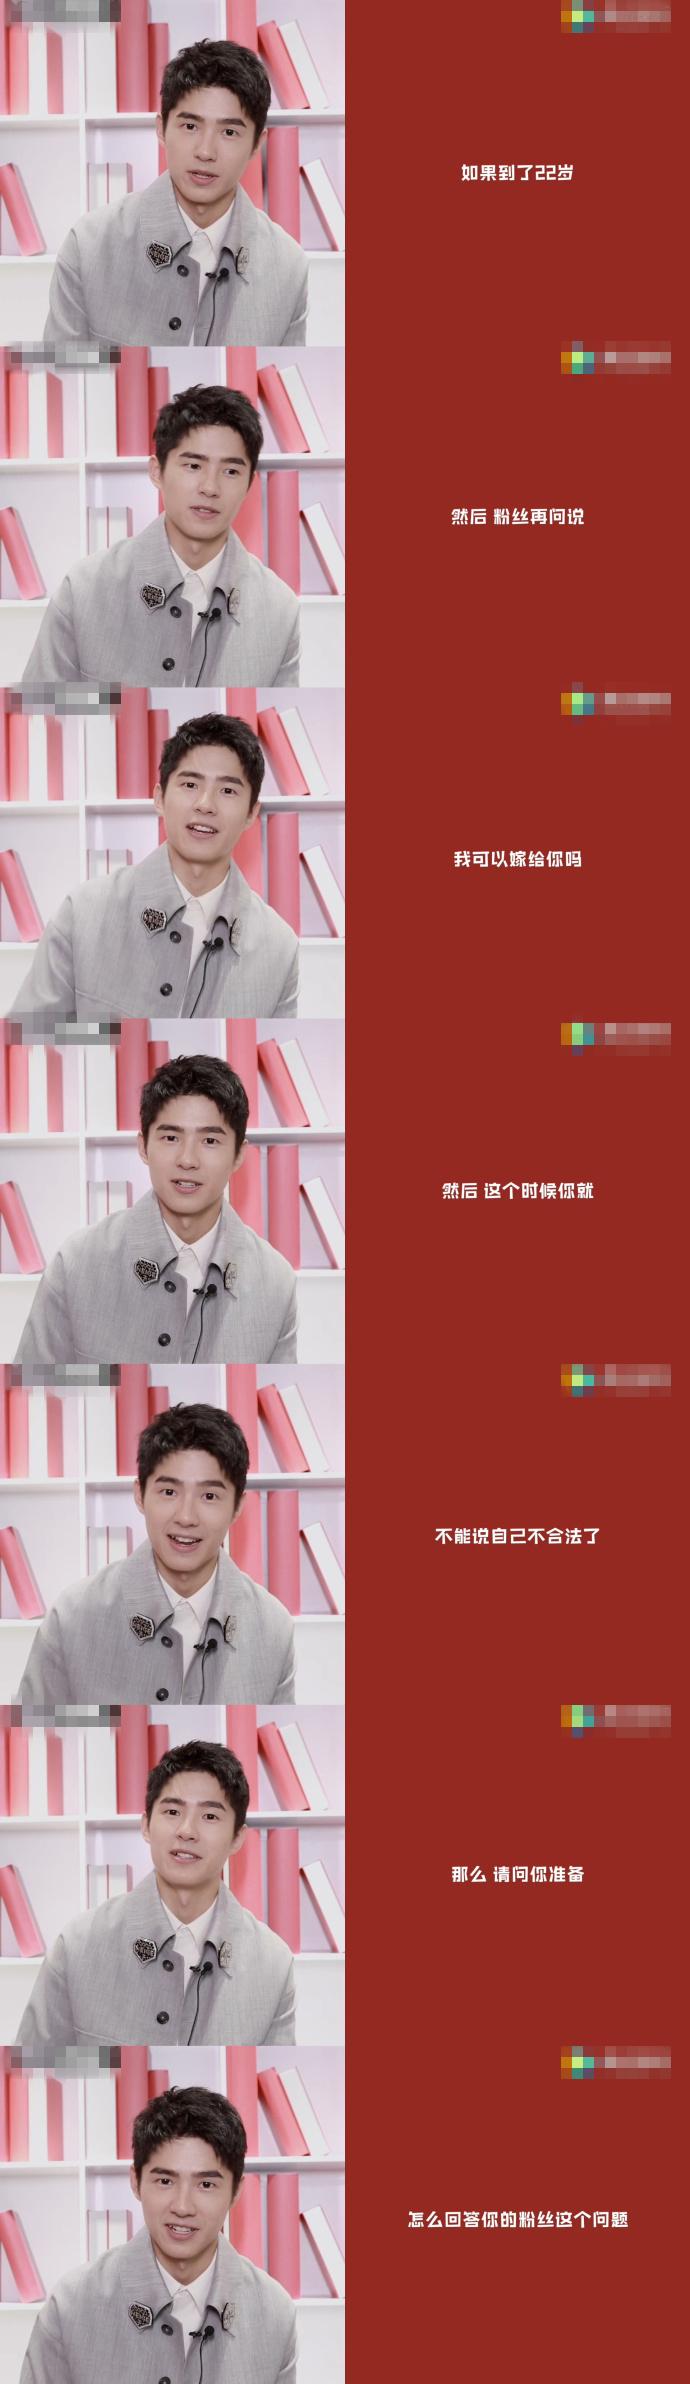 刘昊然,一名优秀的《中国婚姻法》学习课代表